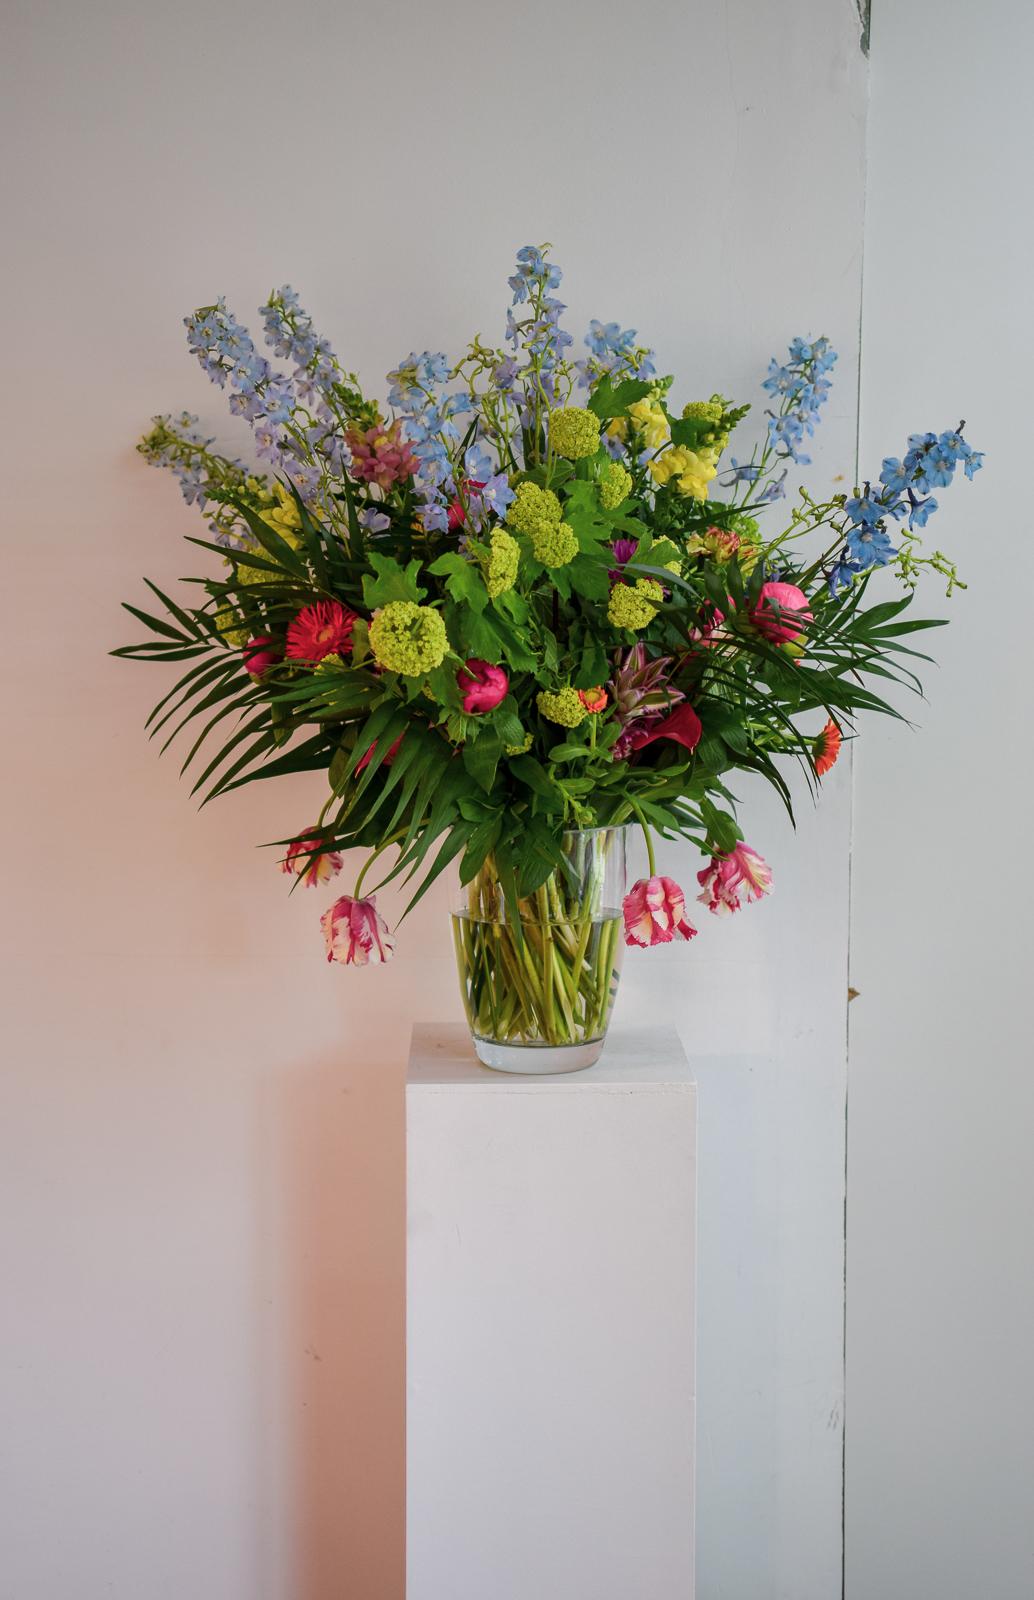 Tropisch lentefeest - Degrootebloemen.be